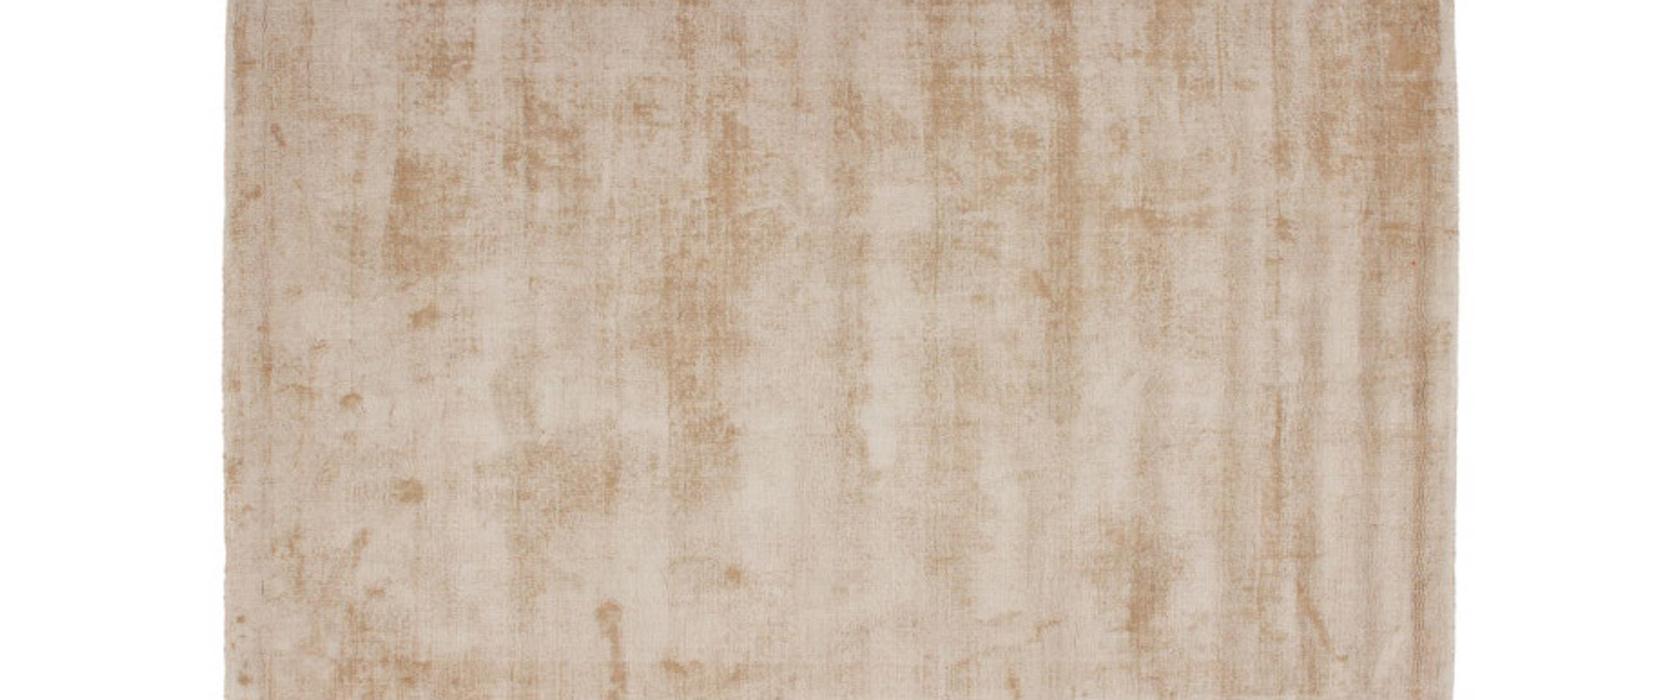 Килим My Maori 220 Beige 160х230 см - Pufetto